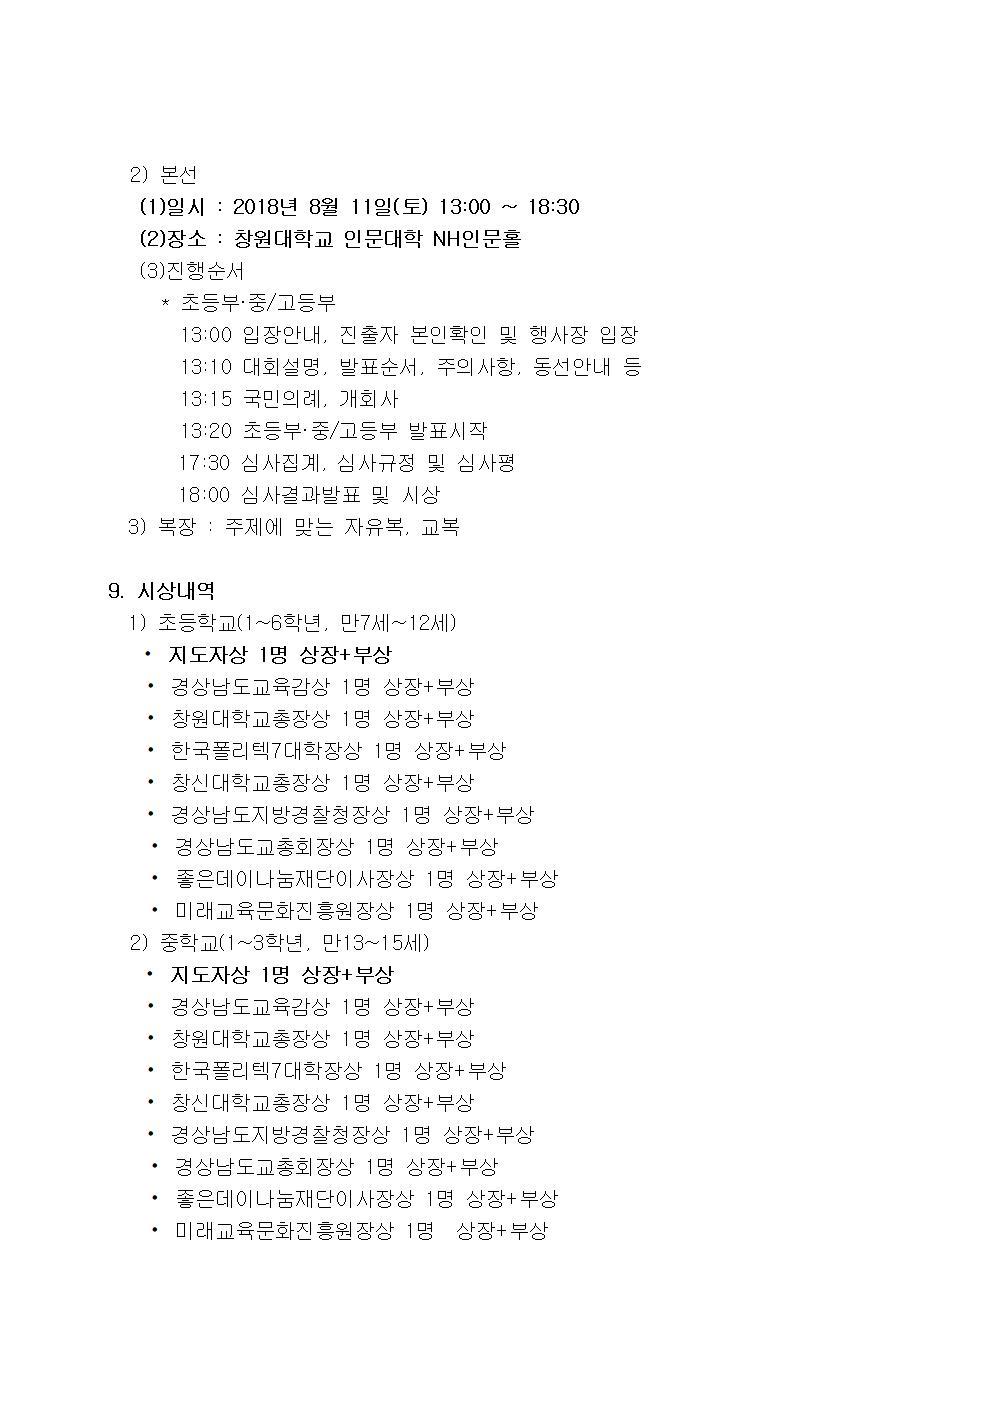 제3회경상남도청소년스피치대회안(최종)004.jpg